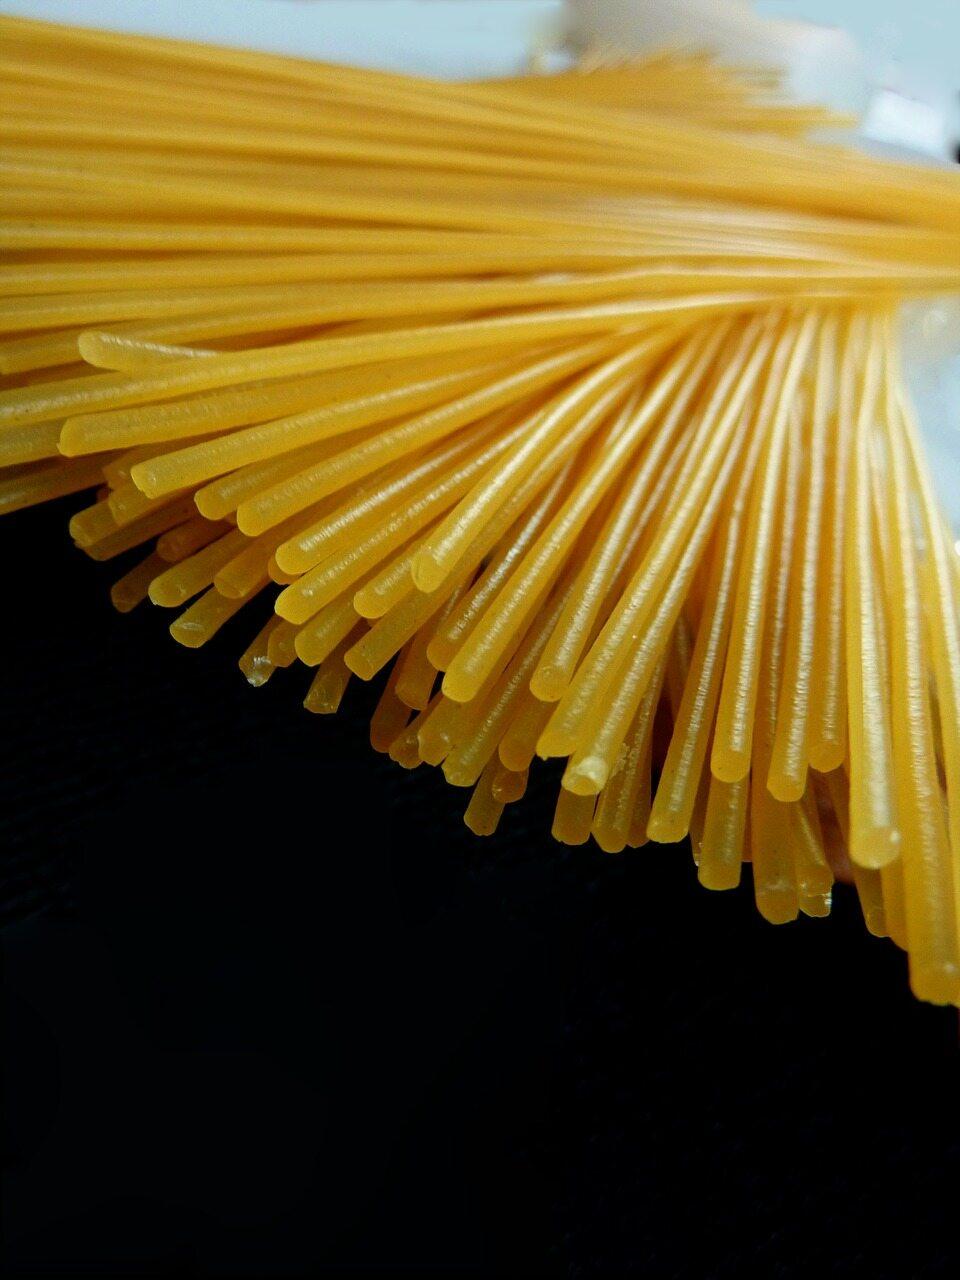 Wymień składniki spaghetti bolognese.